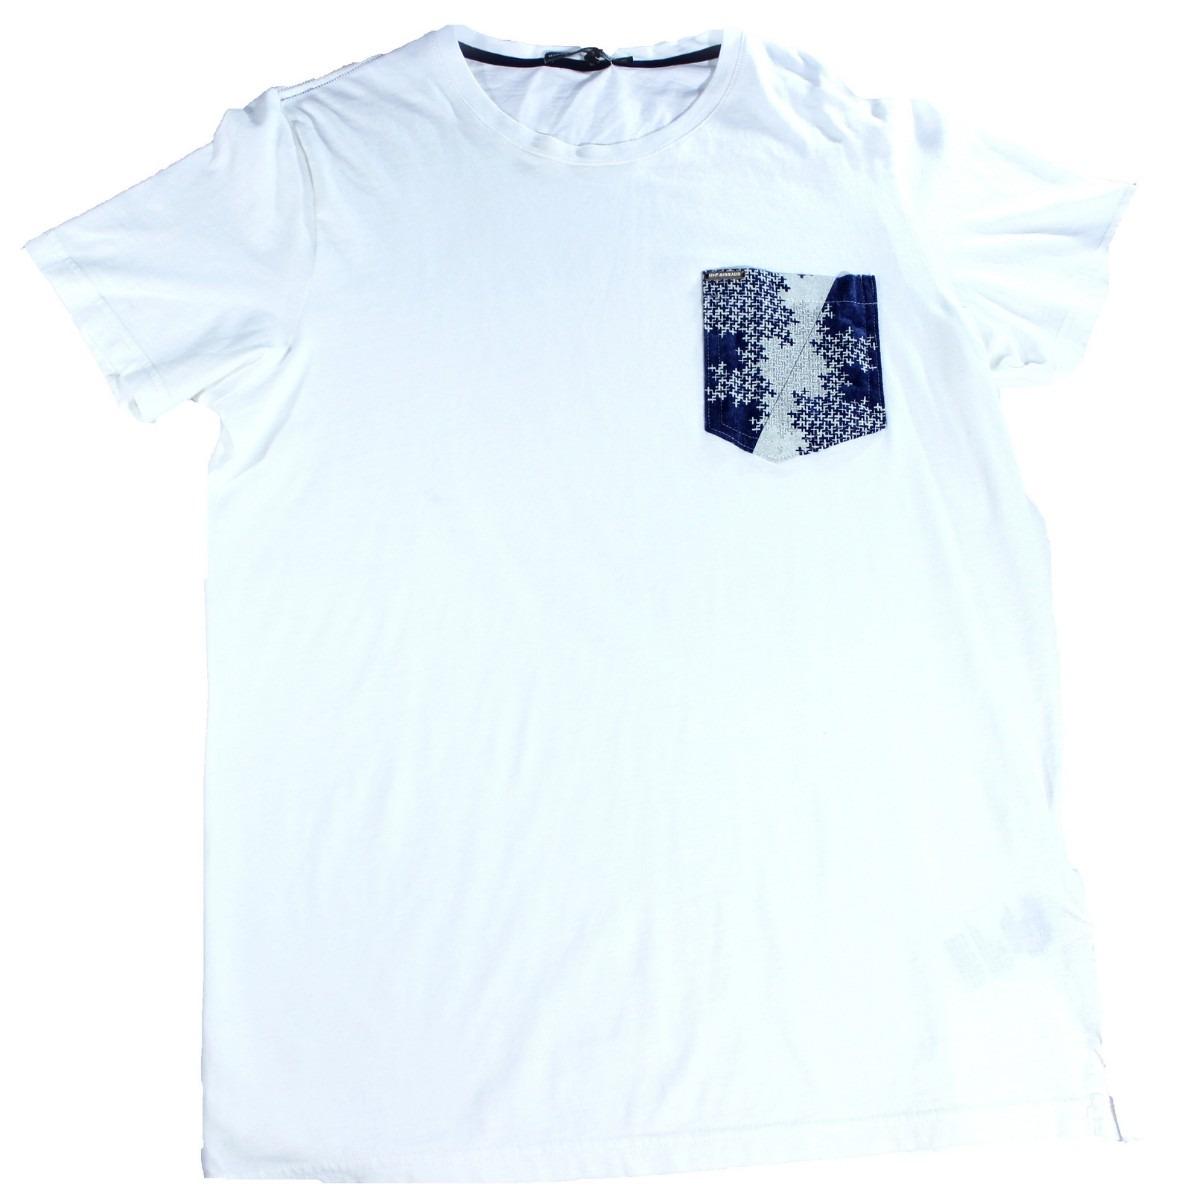 b92366ad4a Camiseta Para Hombre De Marithe + Francois Girbaud - U S 22